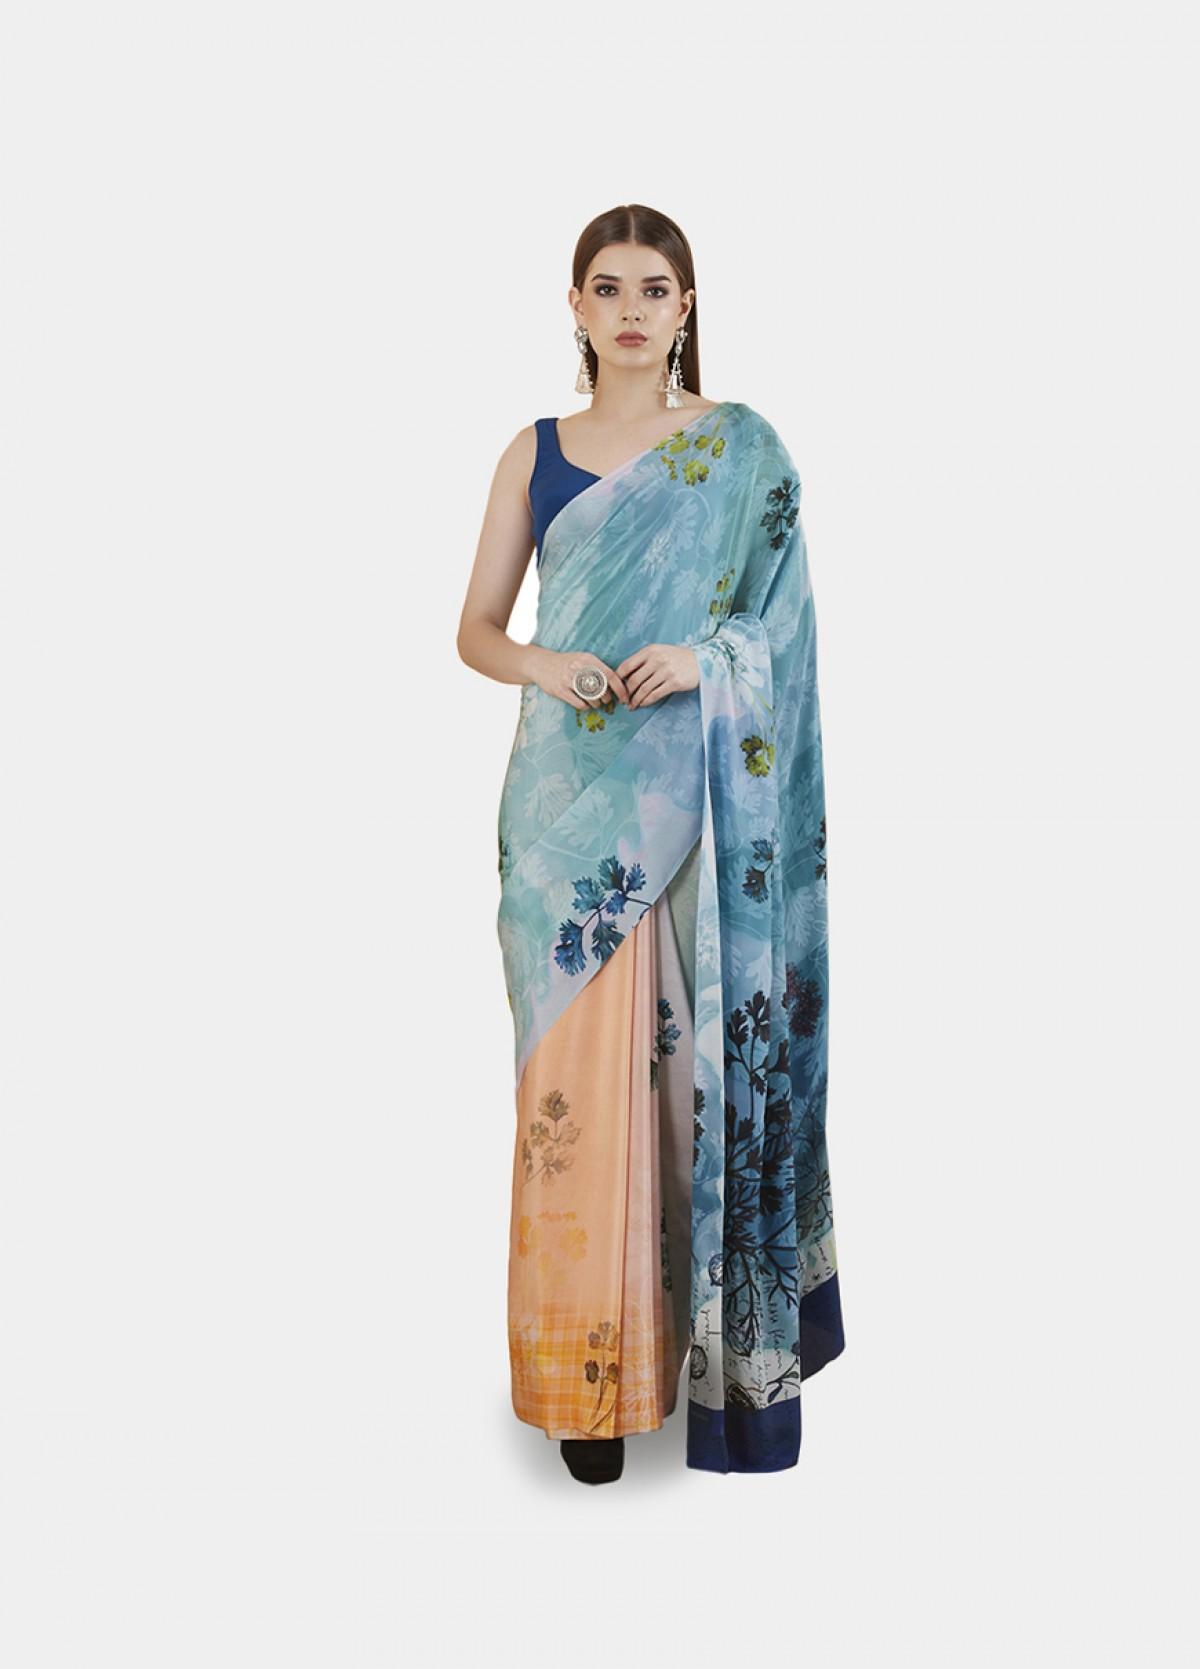 The Dhaniya Sari